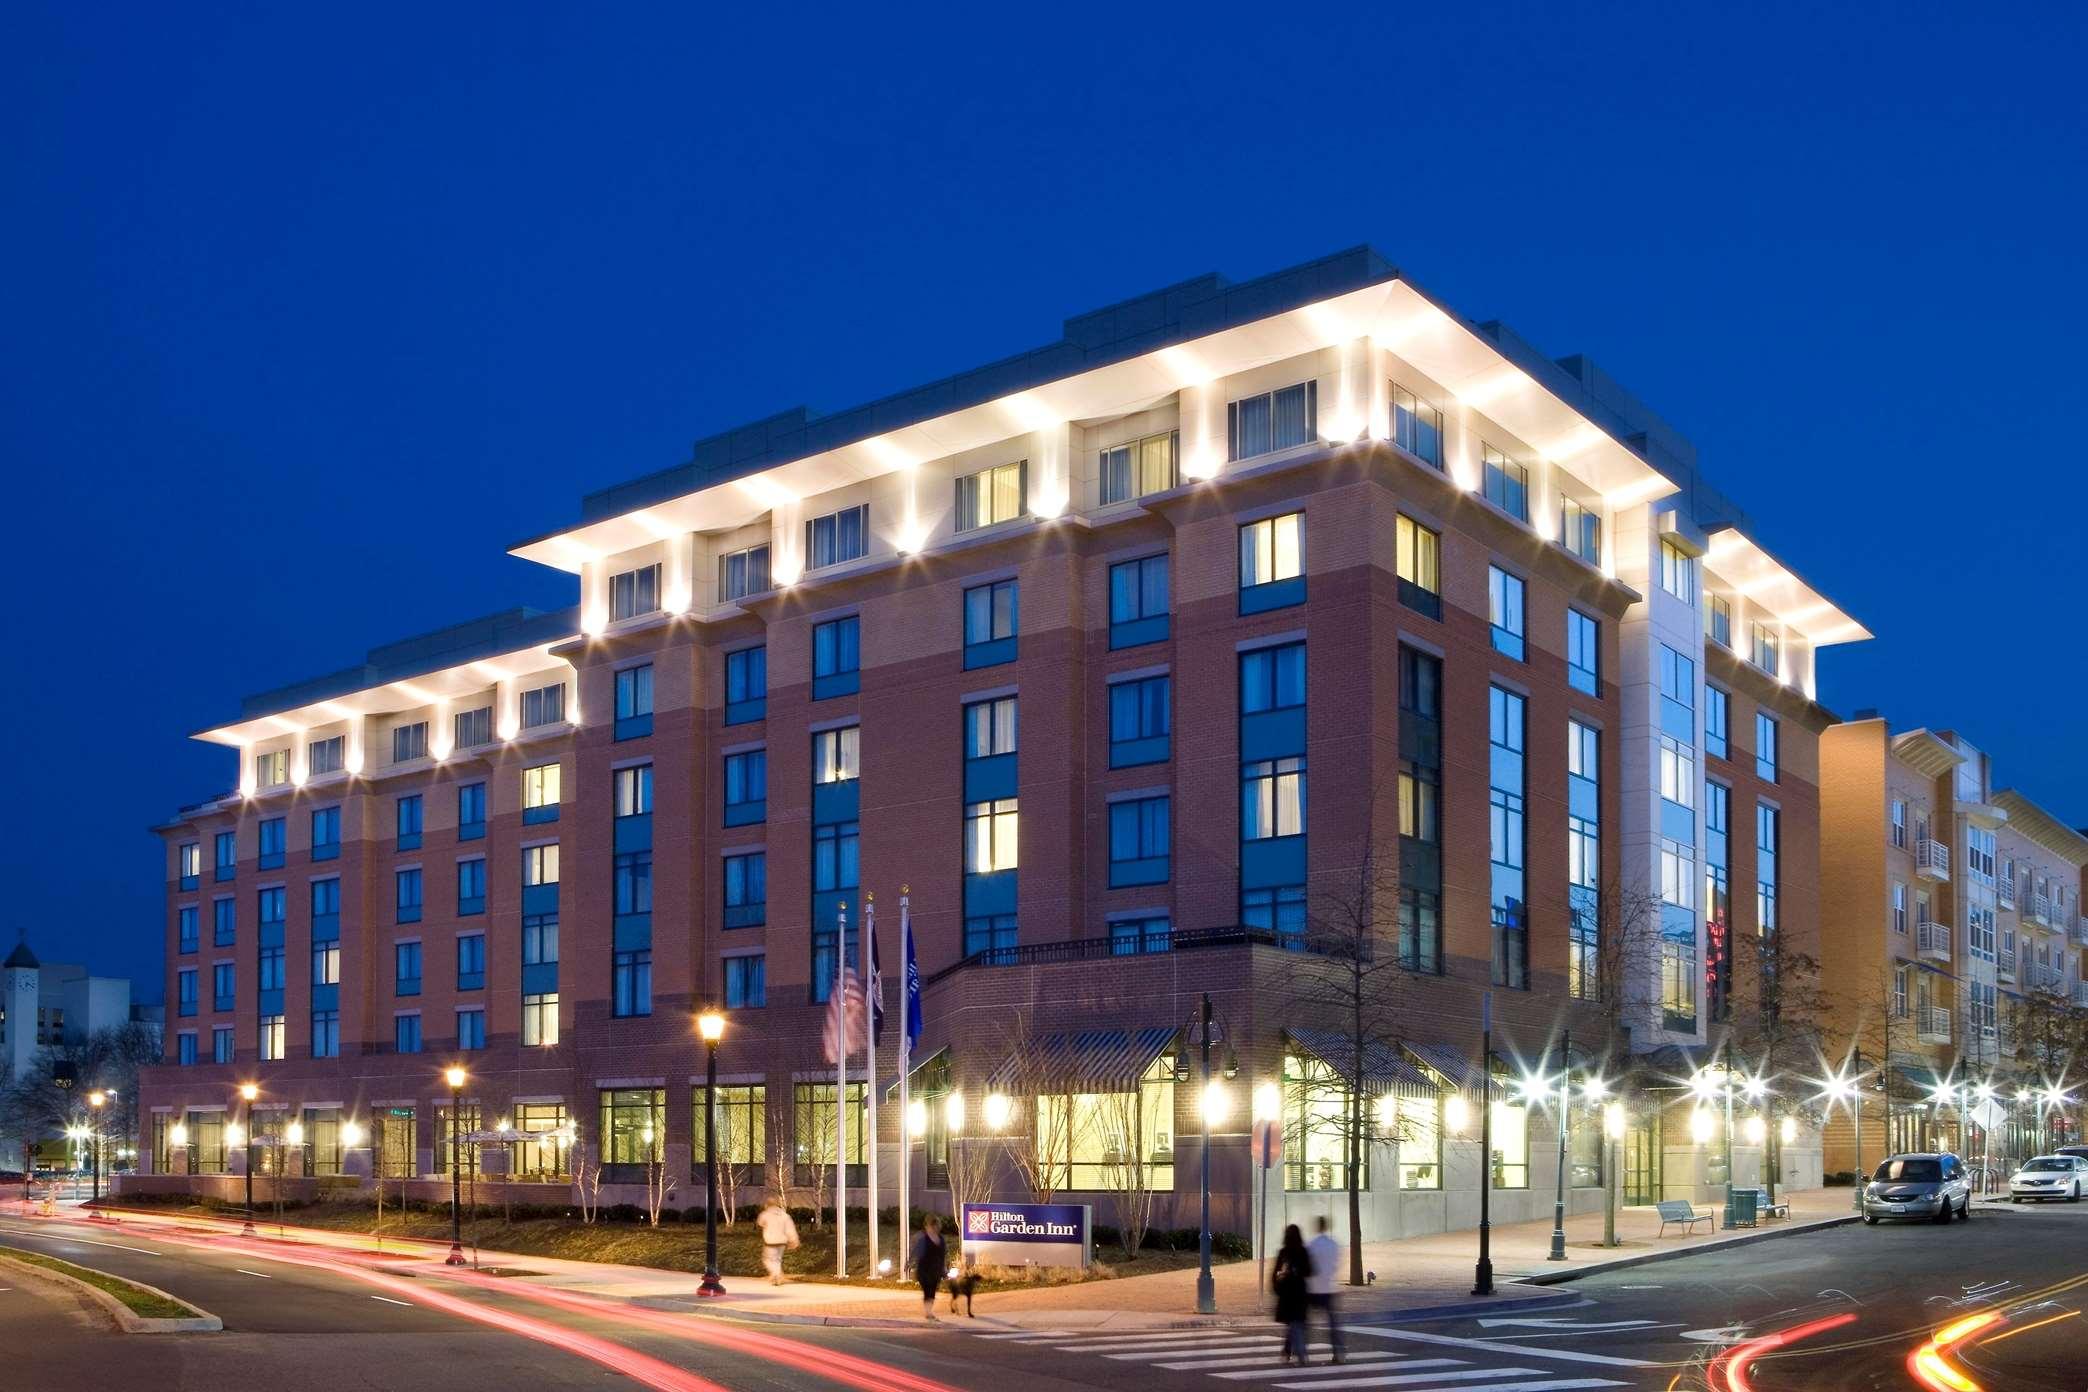 Hilton Garden Inn Arlington Shirlington